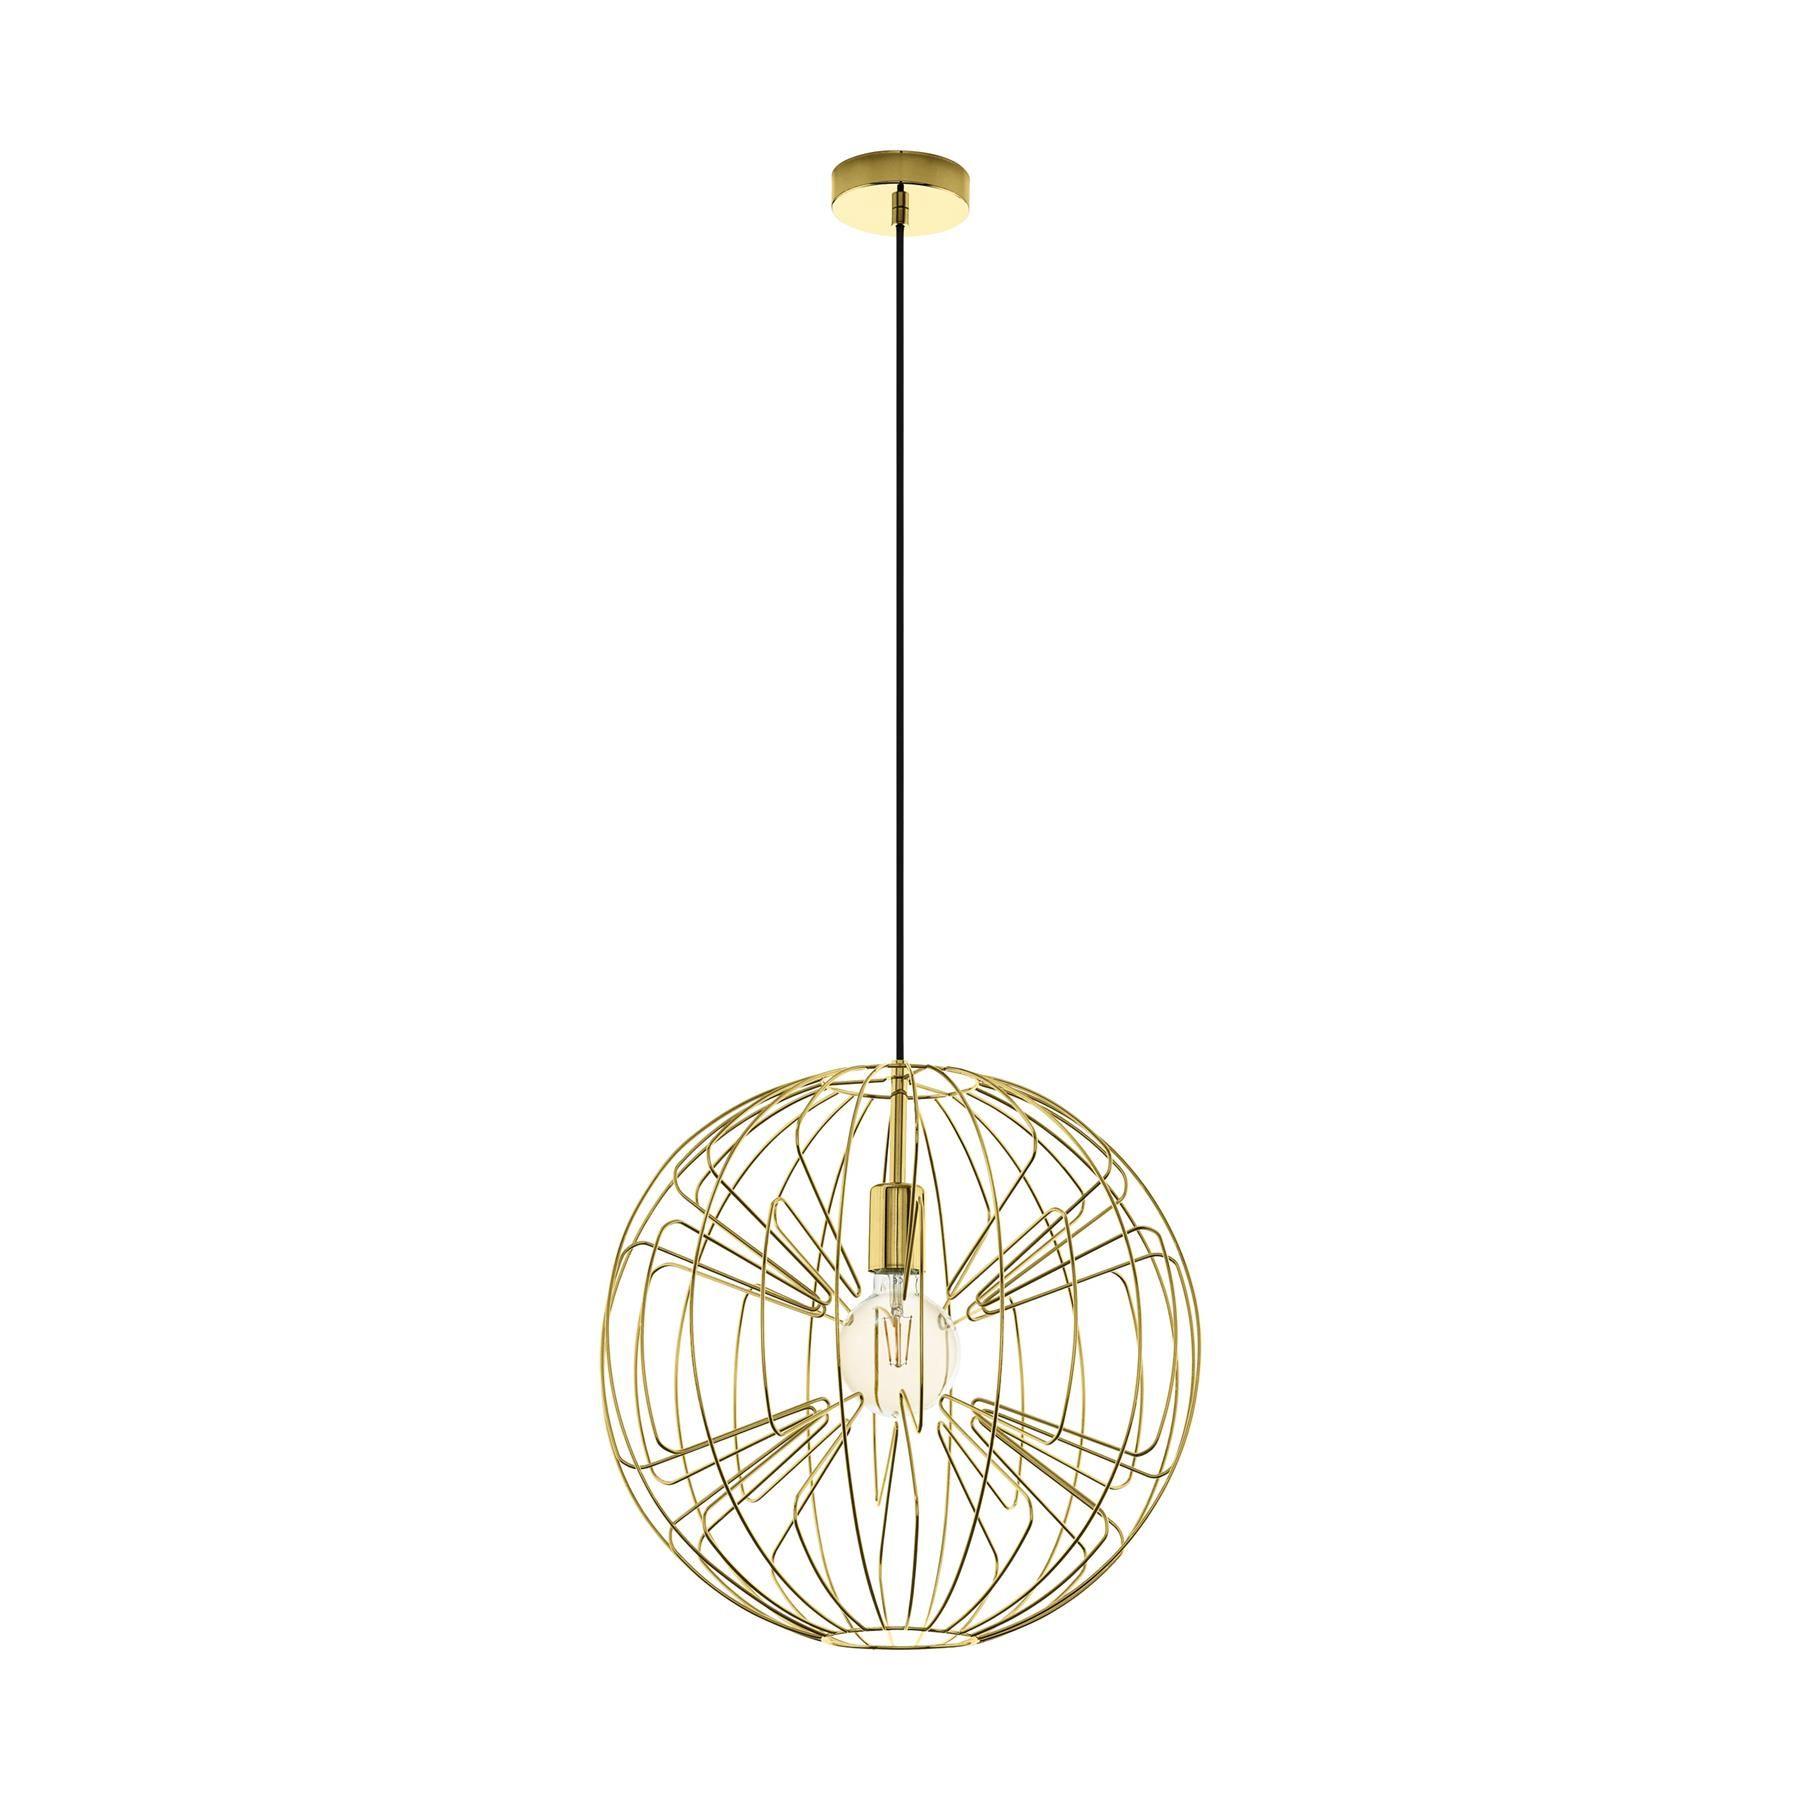 Met De Okinzuri Hanglamp Van Eglo Laat Je Jouw Eethoek Opvallen Het Patroon Zorgt Voor Een Prachtig Lichtspel Op De Muur W Hanglamp Eethoek Binnenverlichting